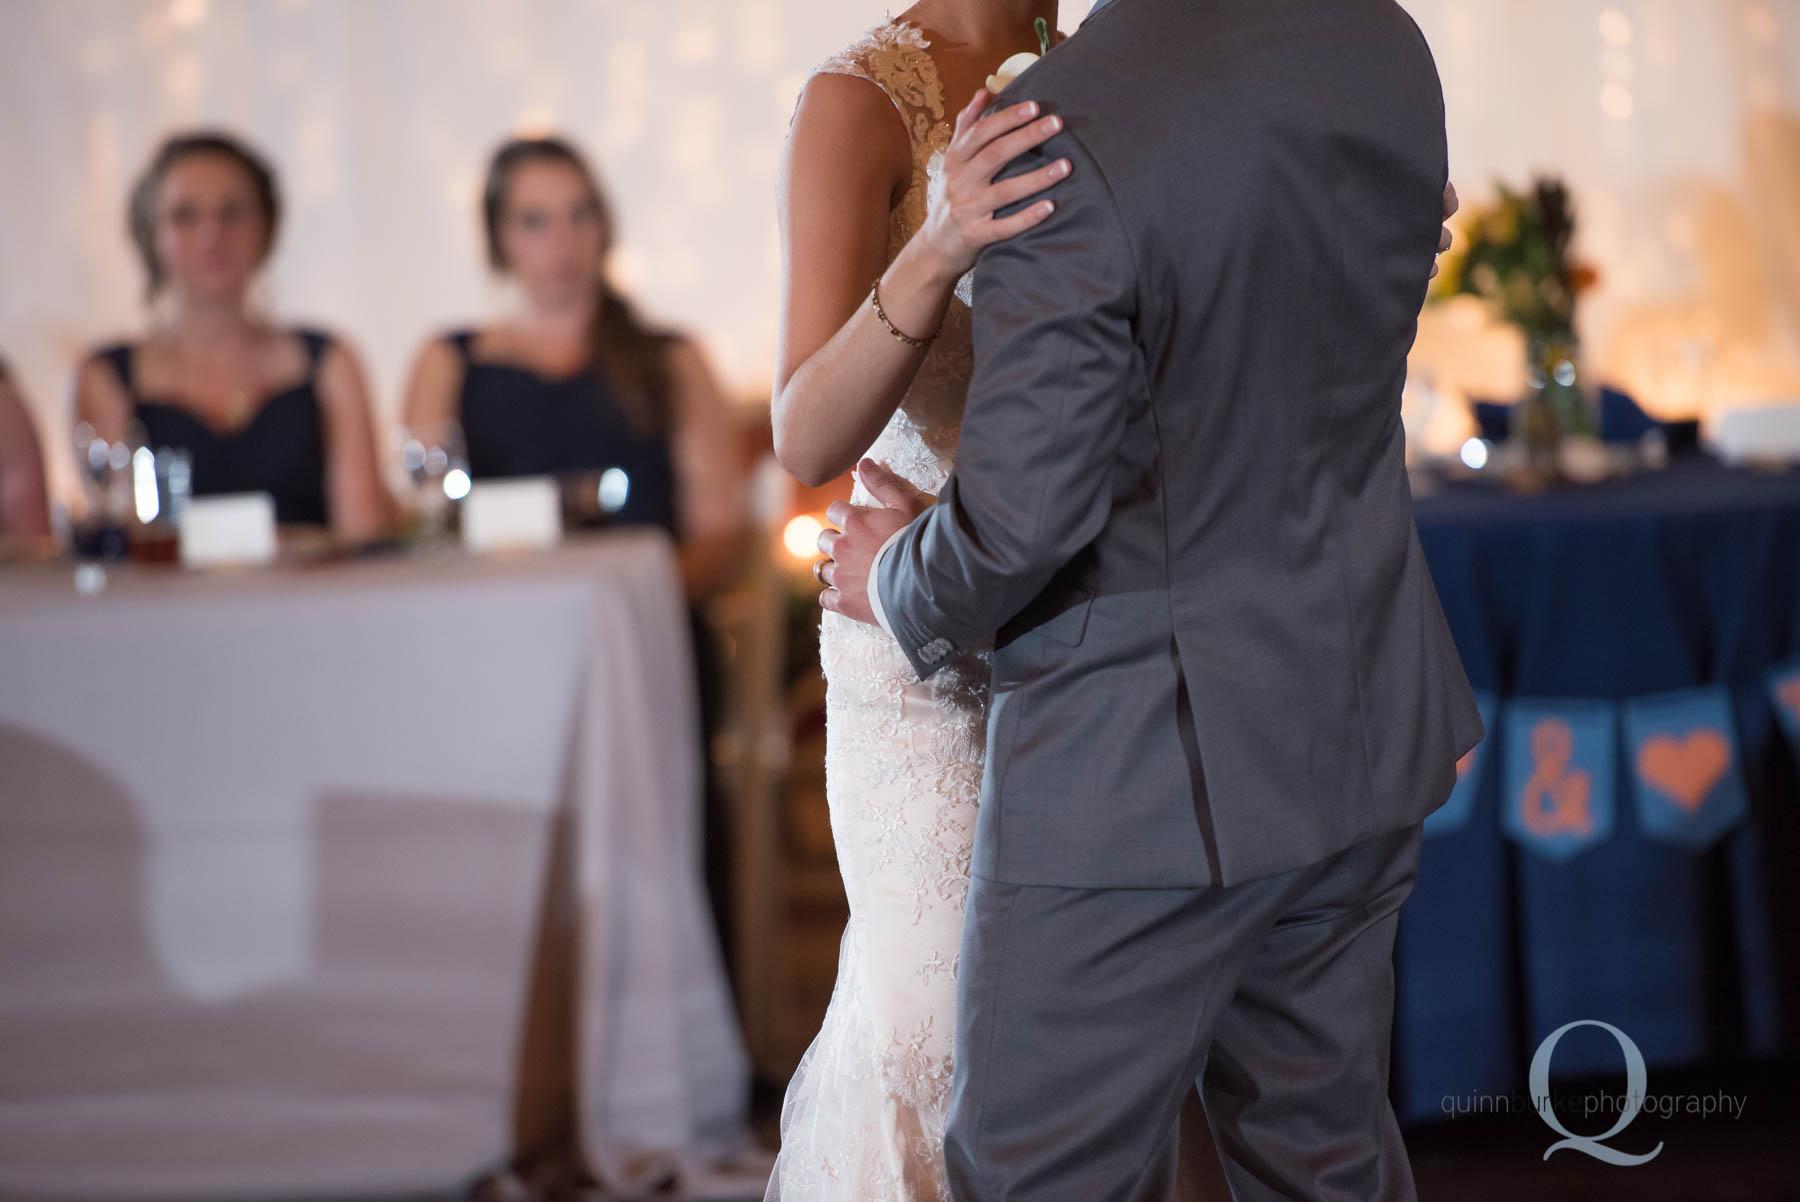 Green Villa Barn wedding first dance in barn